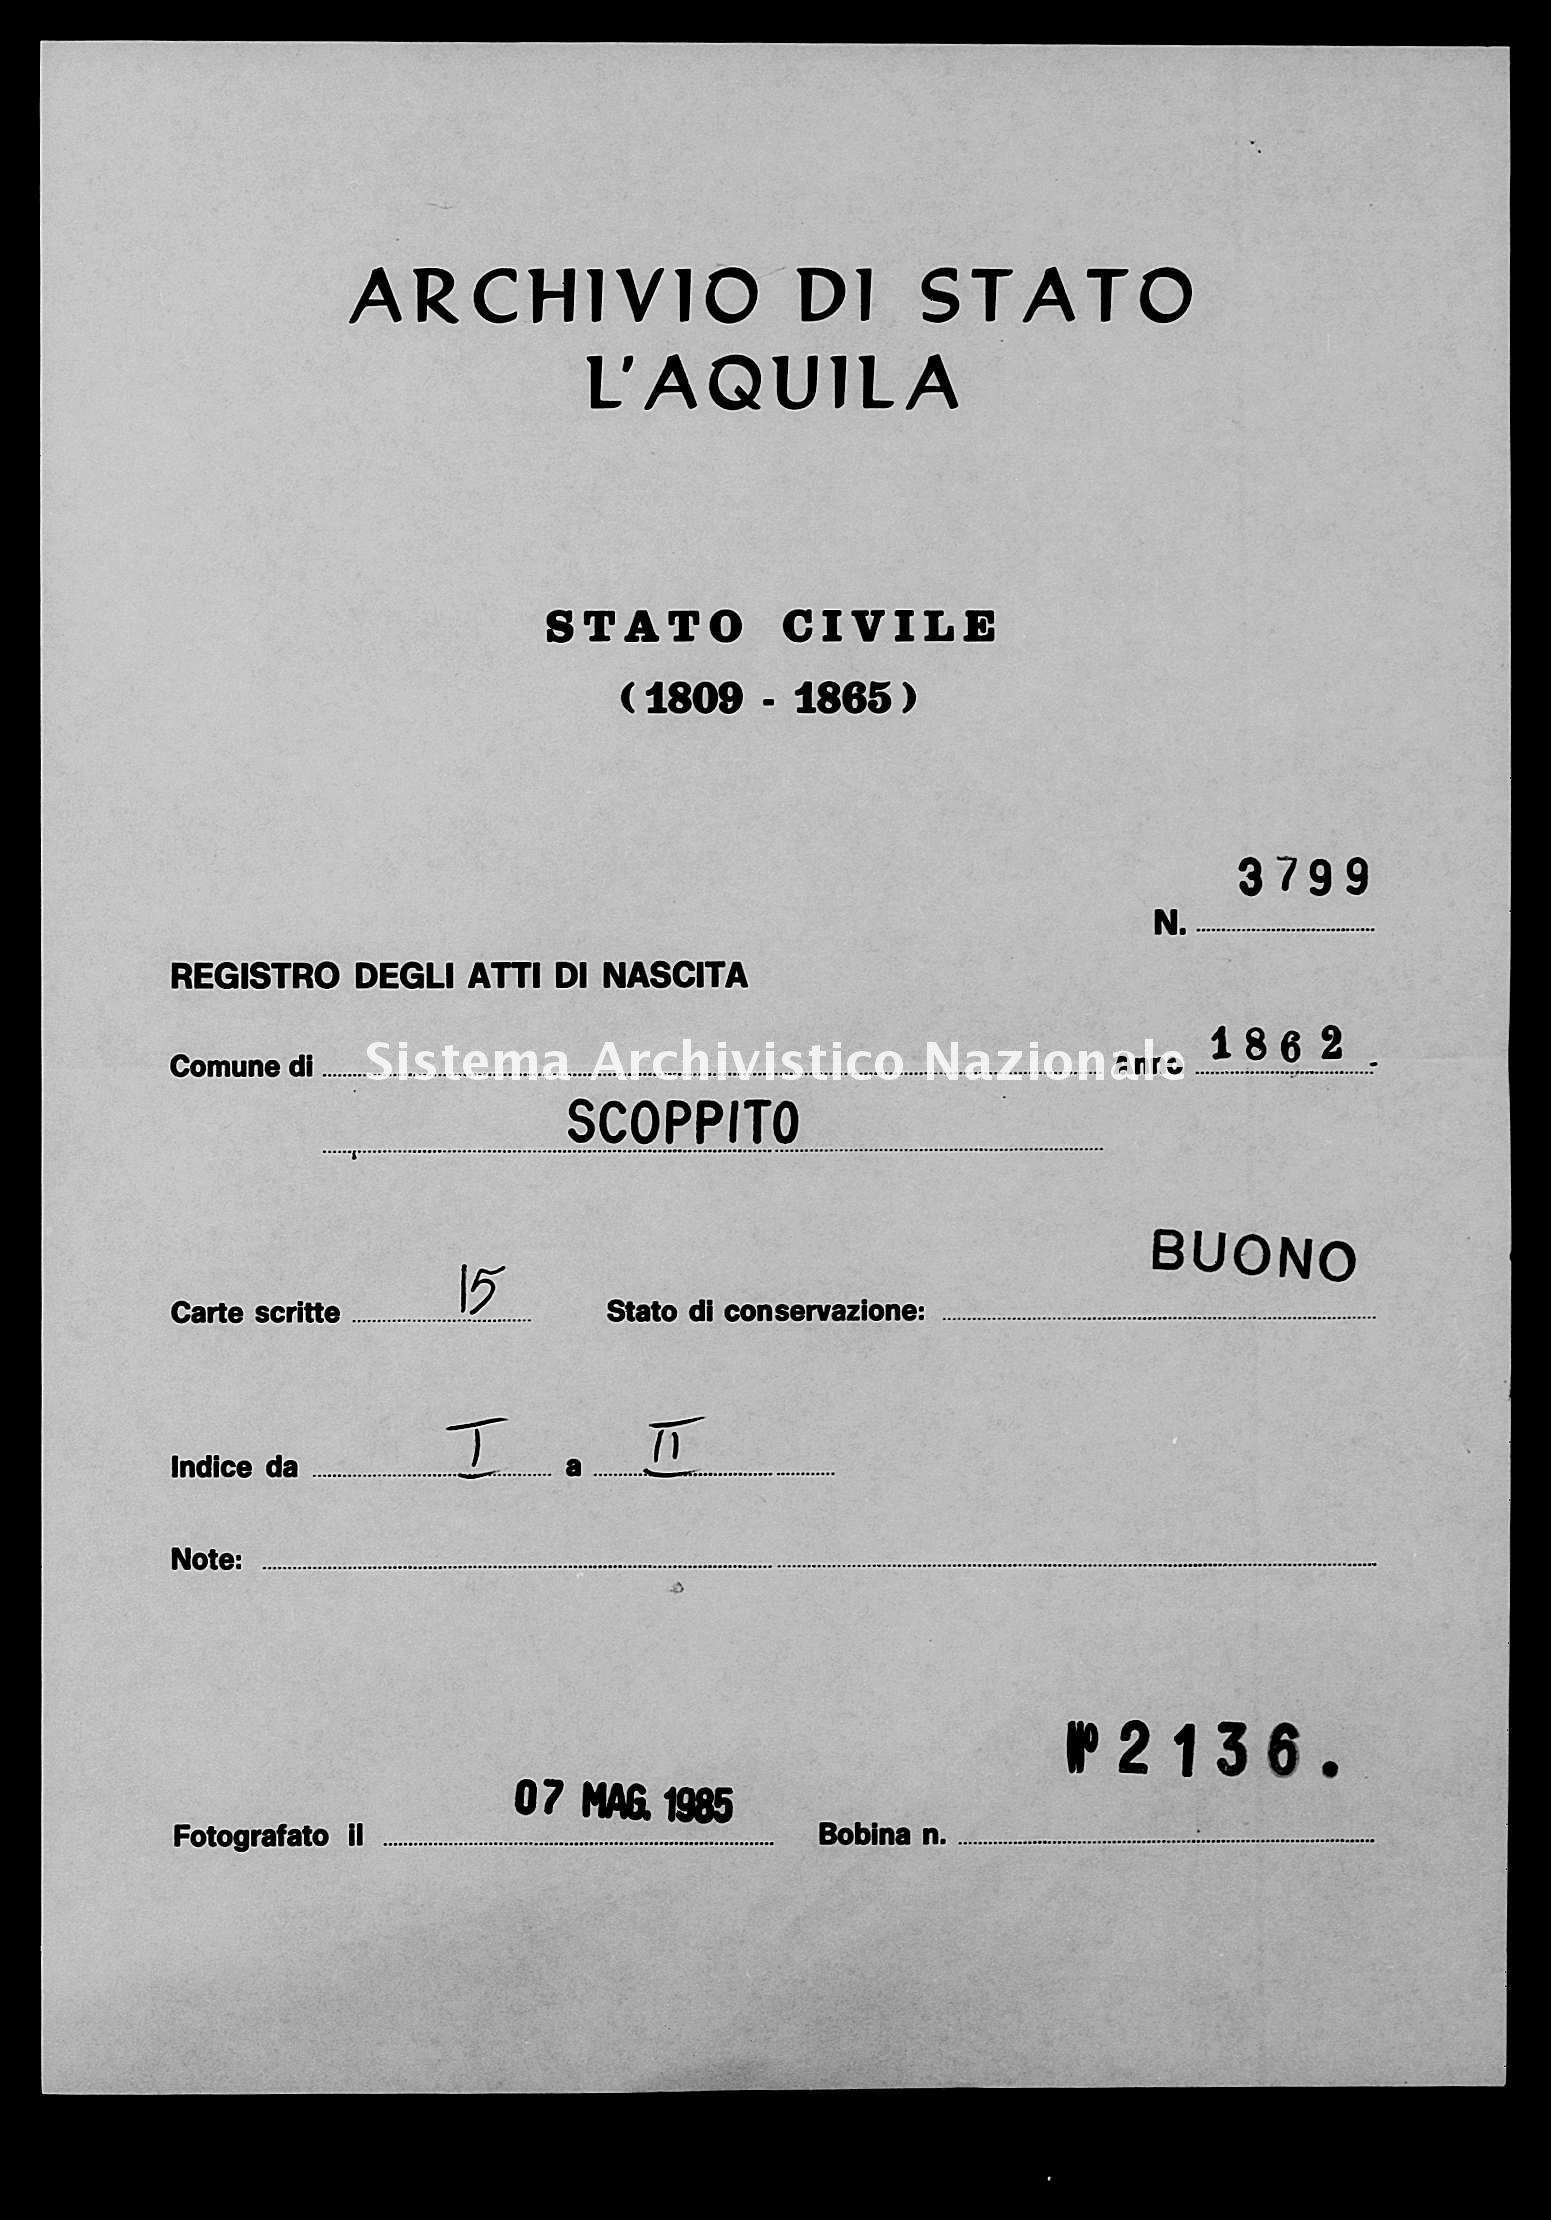 Archivio di stato di L'aquila - Stato civile italiano - Scoppito - Nati - 1862 - 3799 -